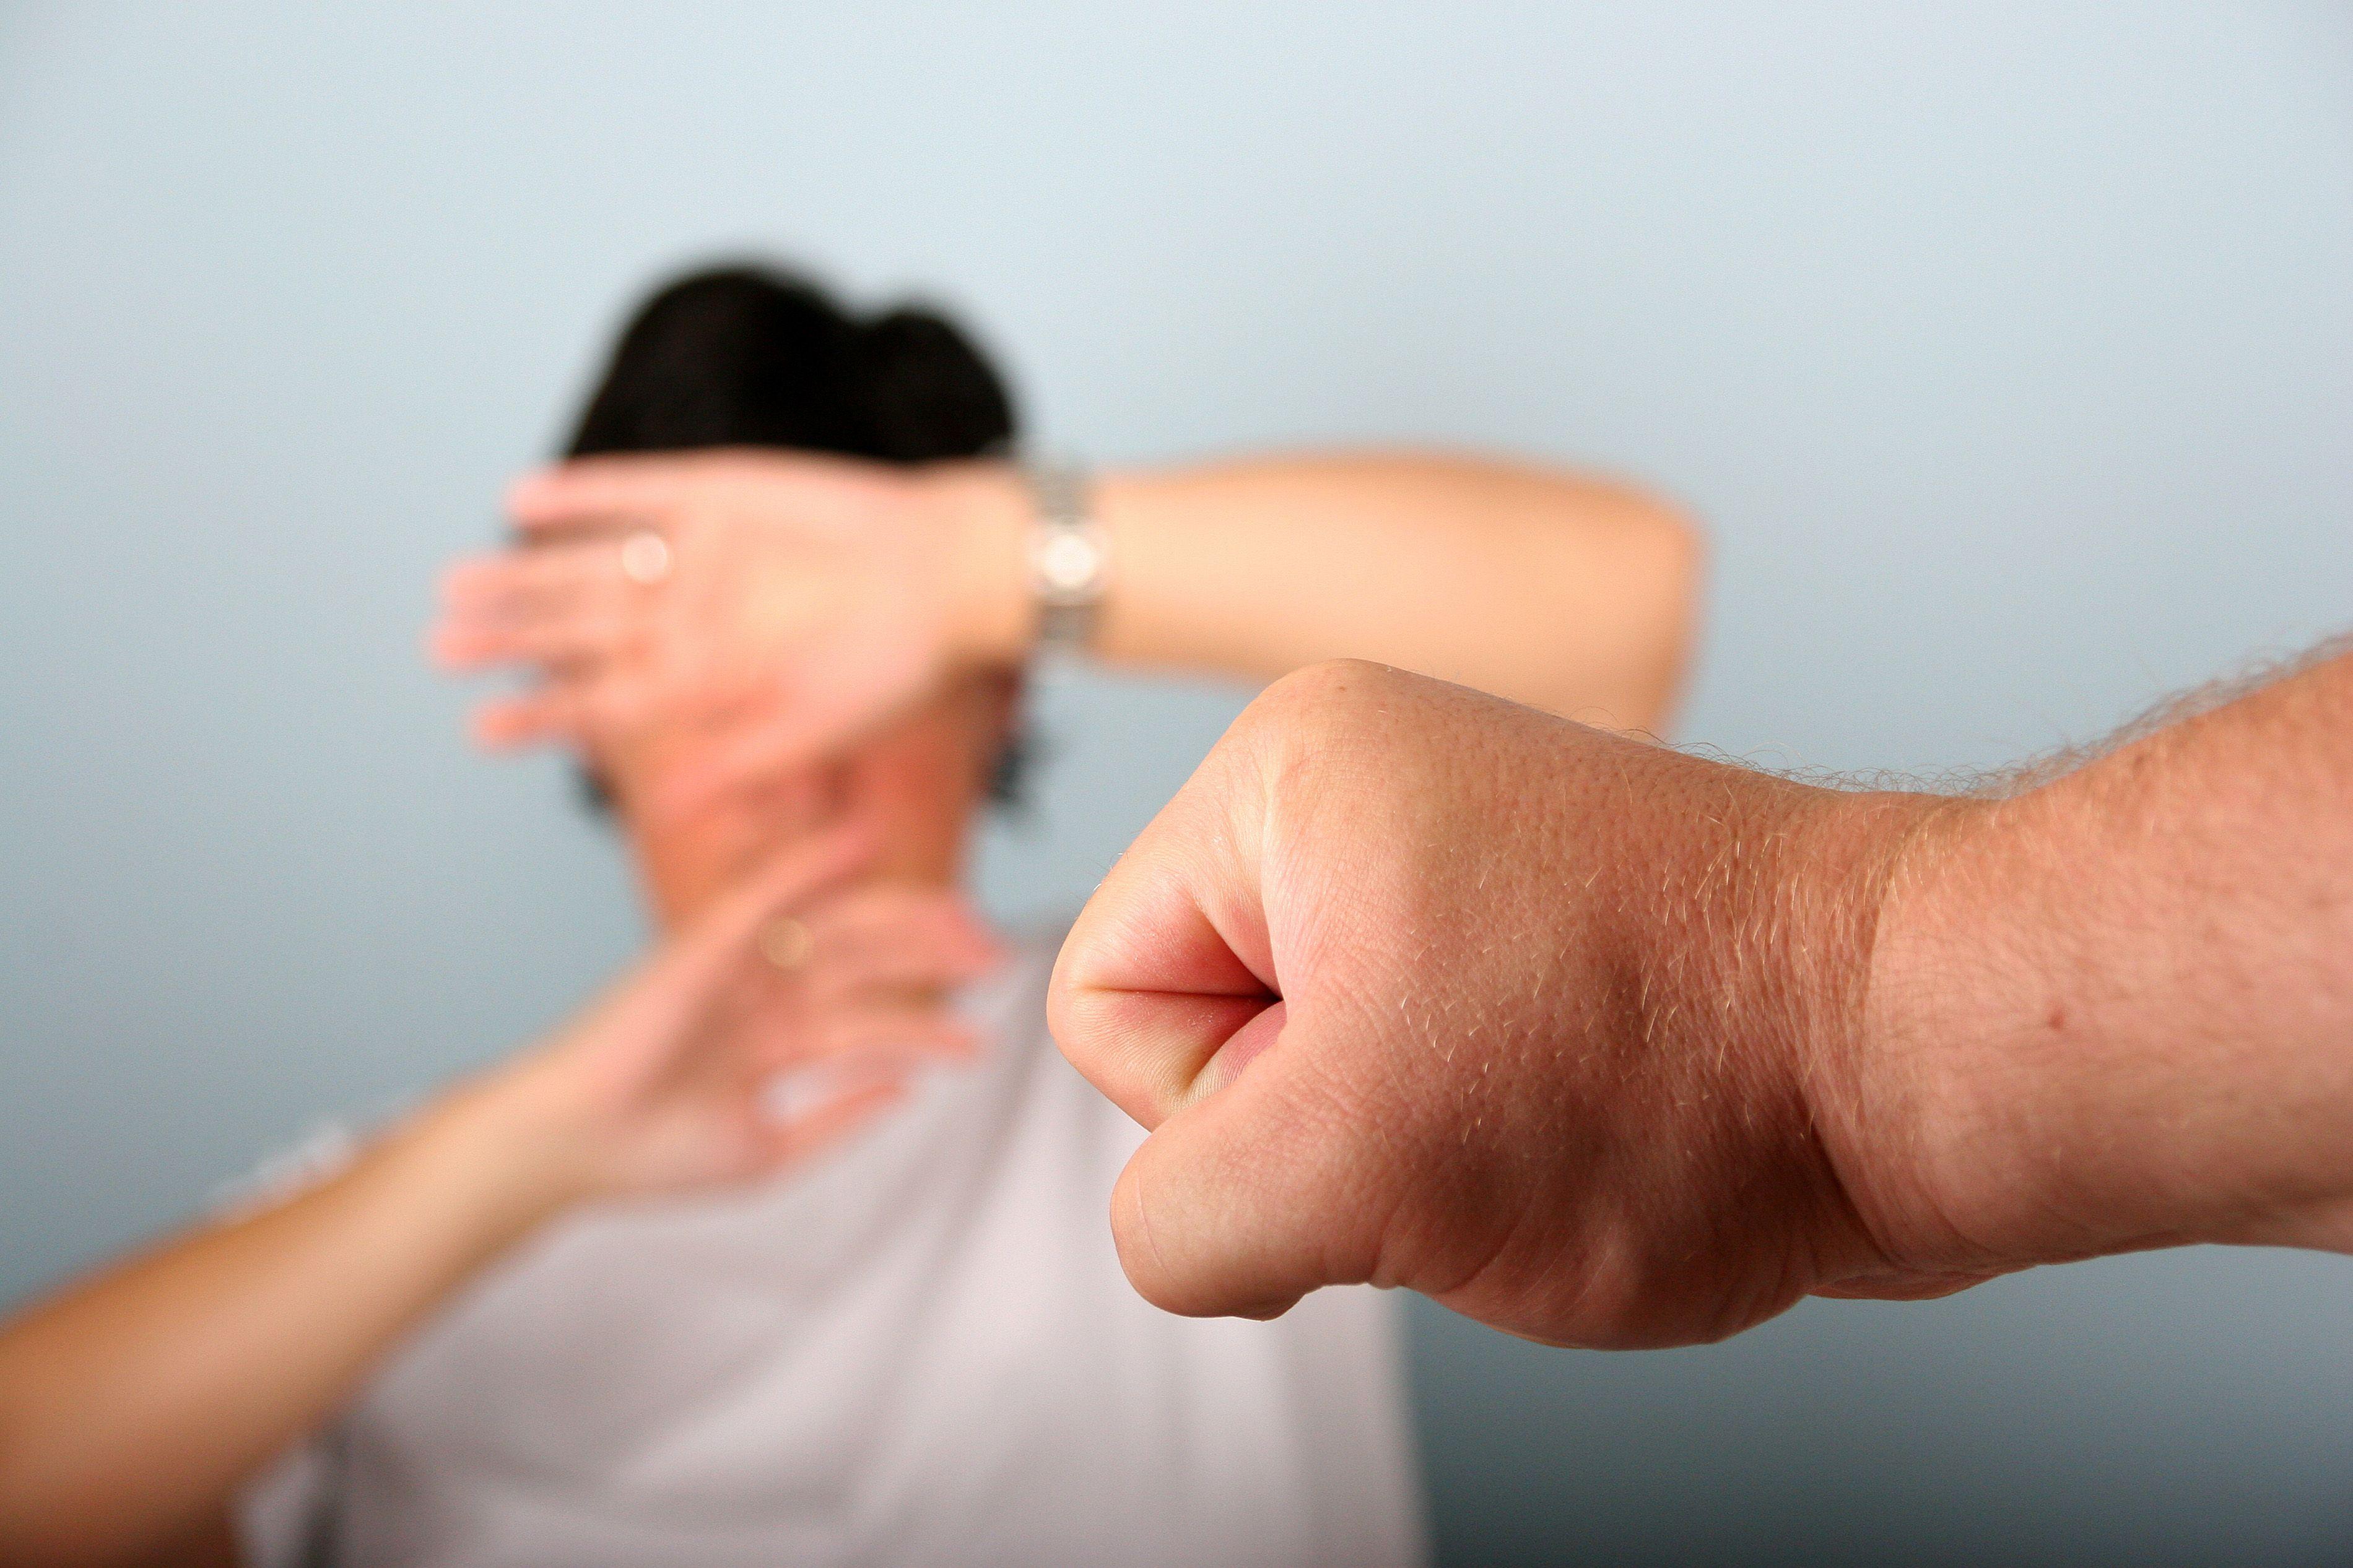 Gewalt an Frauen: Kritik an Einrichtung einer neuen Notrufnummer